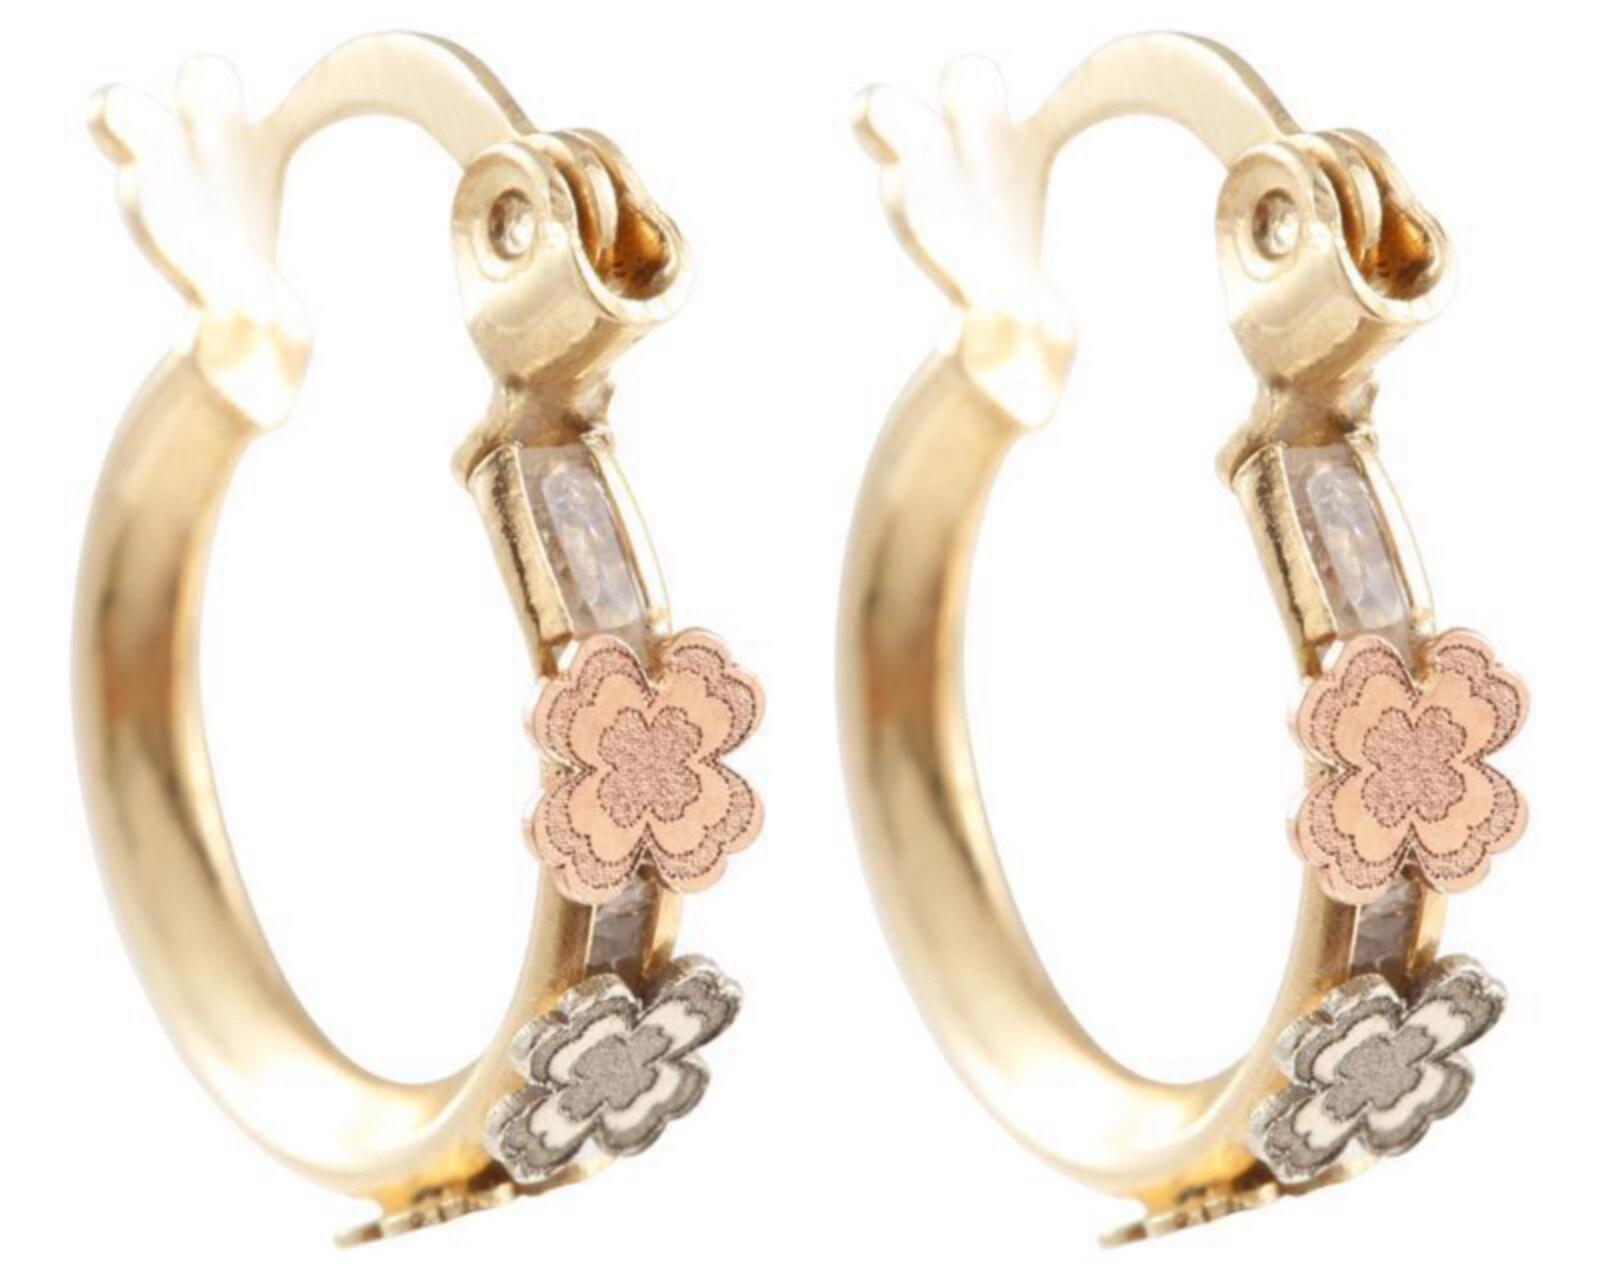 Aretes de Oro Frassinoro de 10 Quilates 8078263 | Coppel